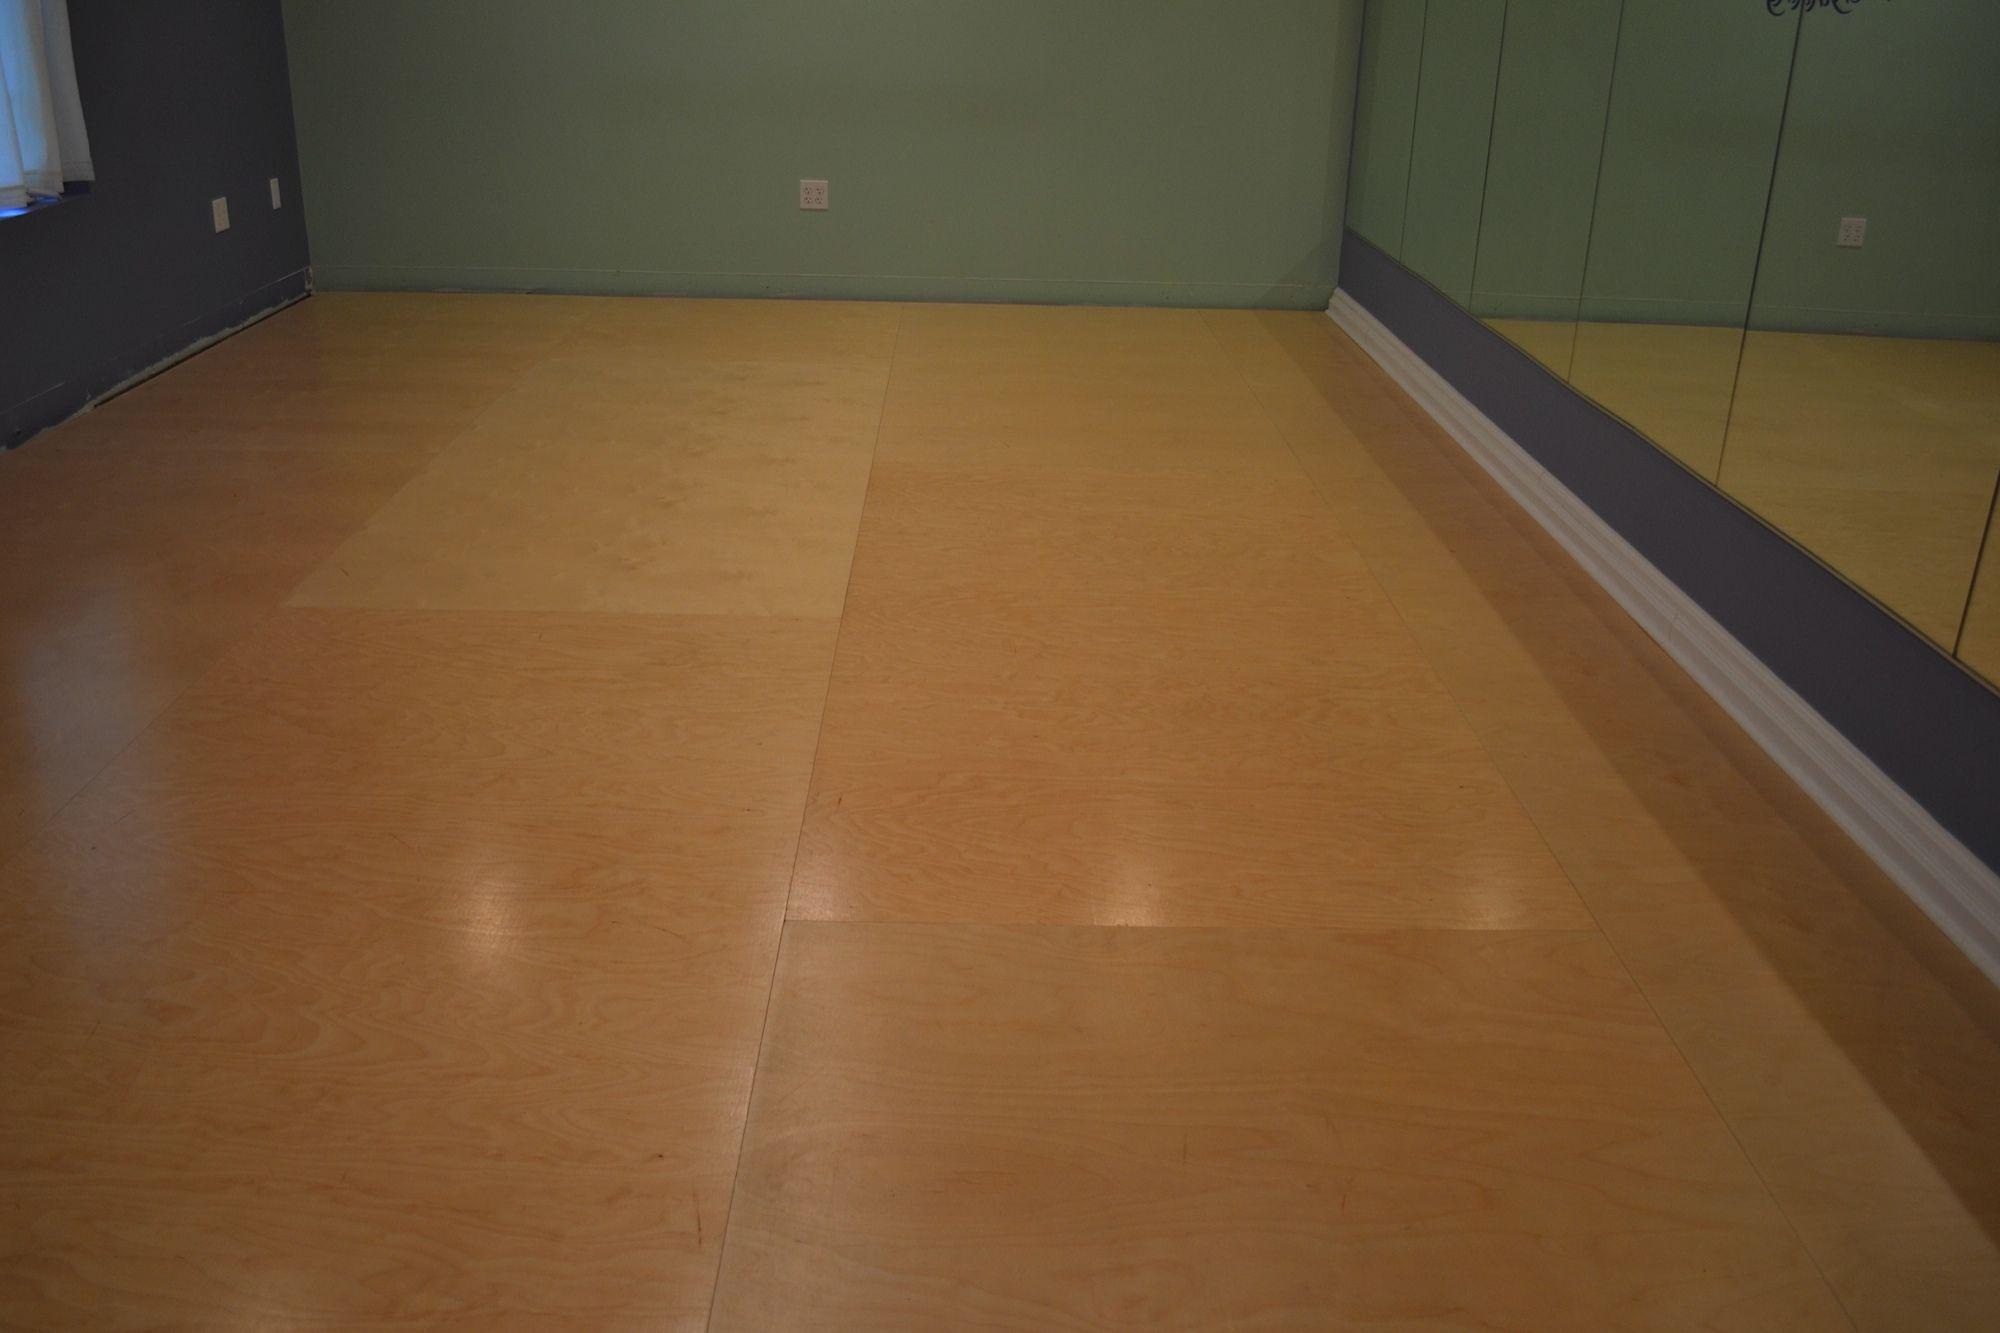 Used Dance Floors For Sale | O'Mara Sprung Floors